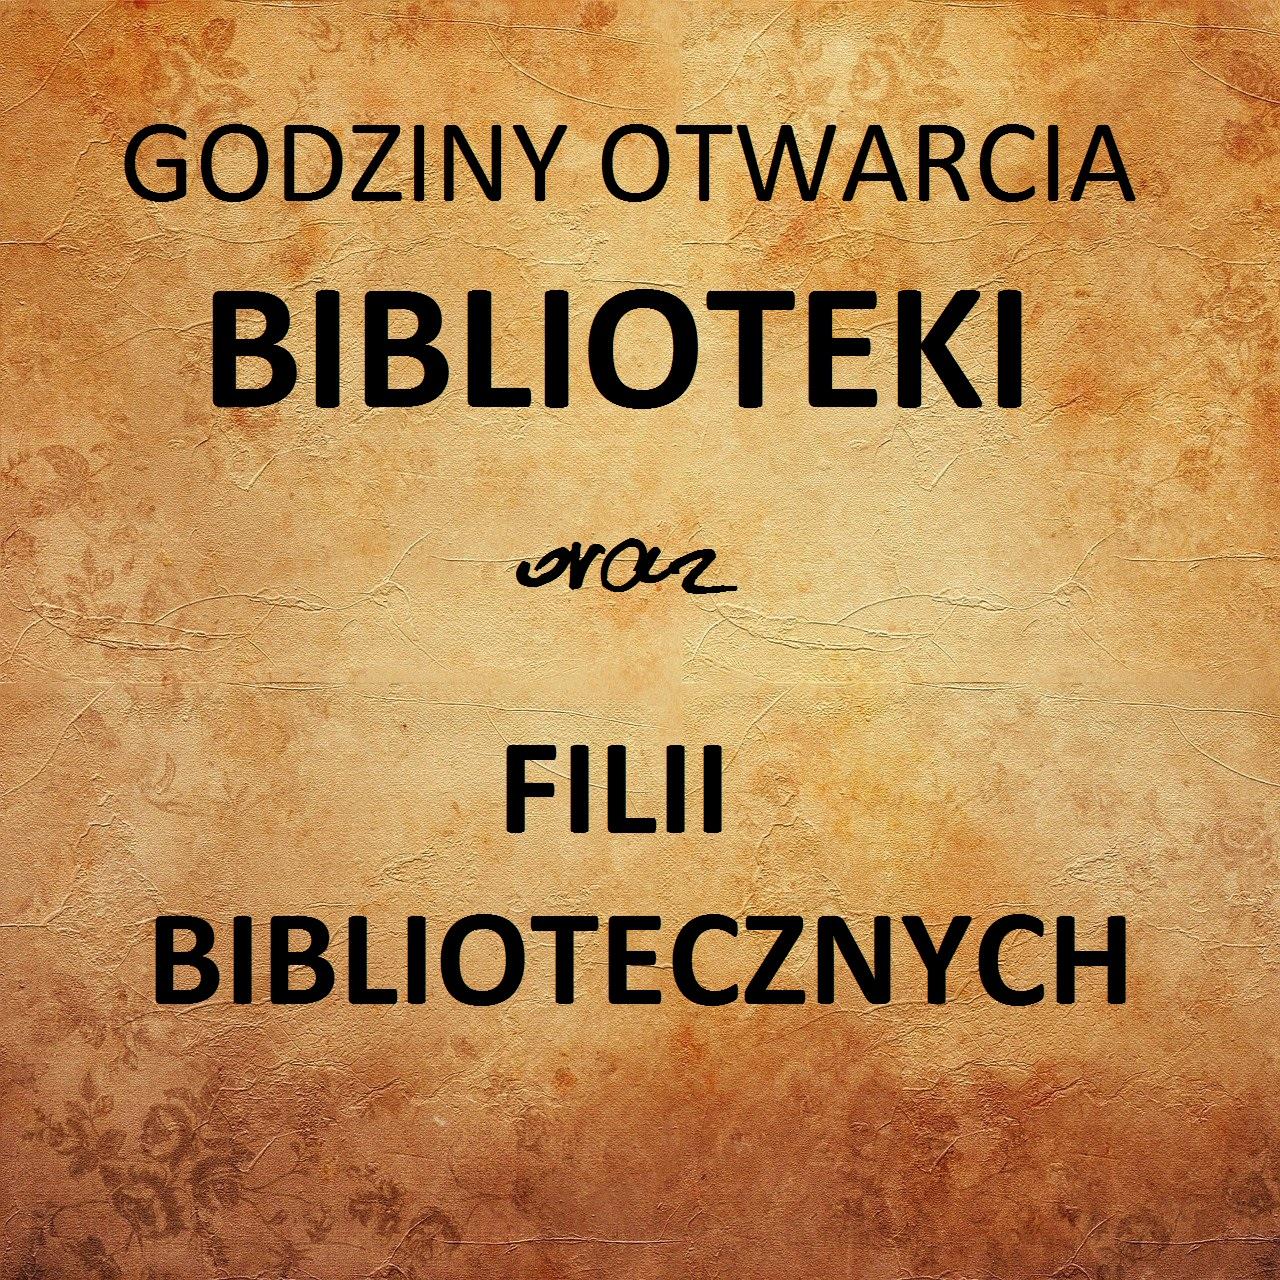 Godziny Otwarcia Biblioteki I Filii 2020